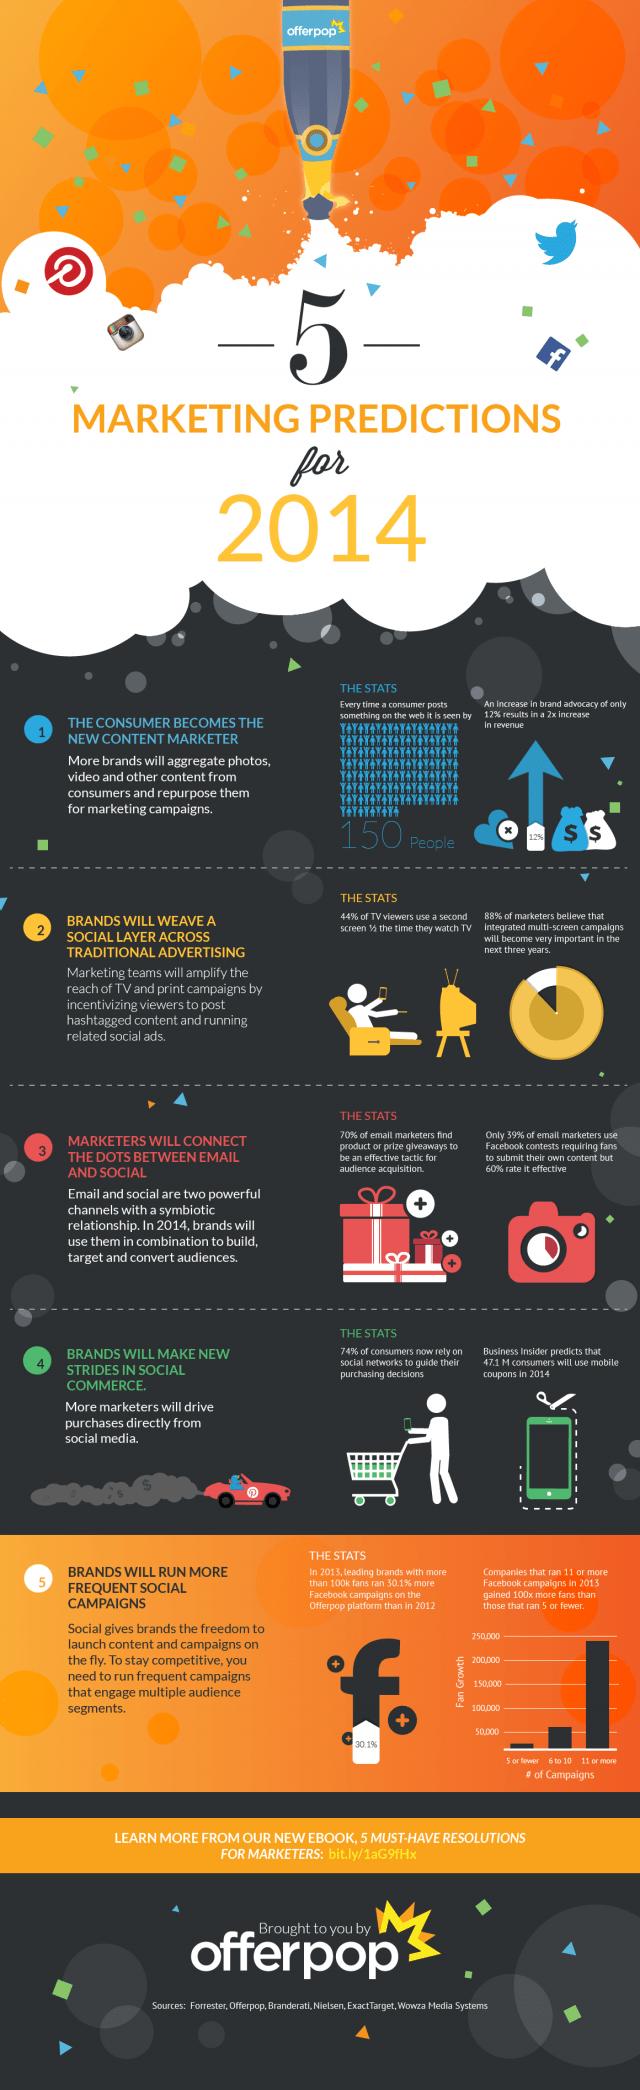 5 predicciones sobre Marketing para 2014